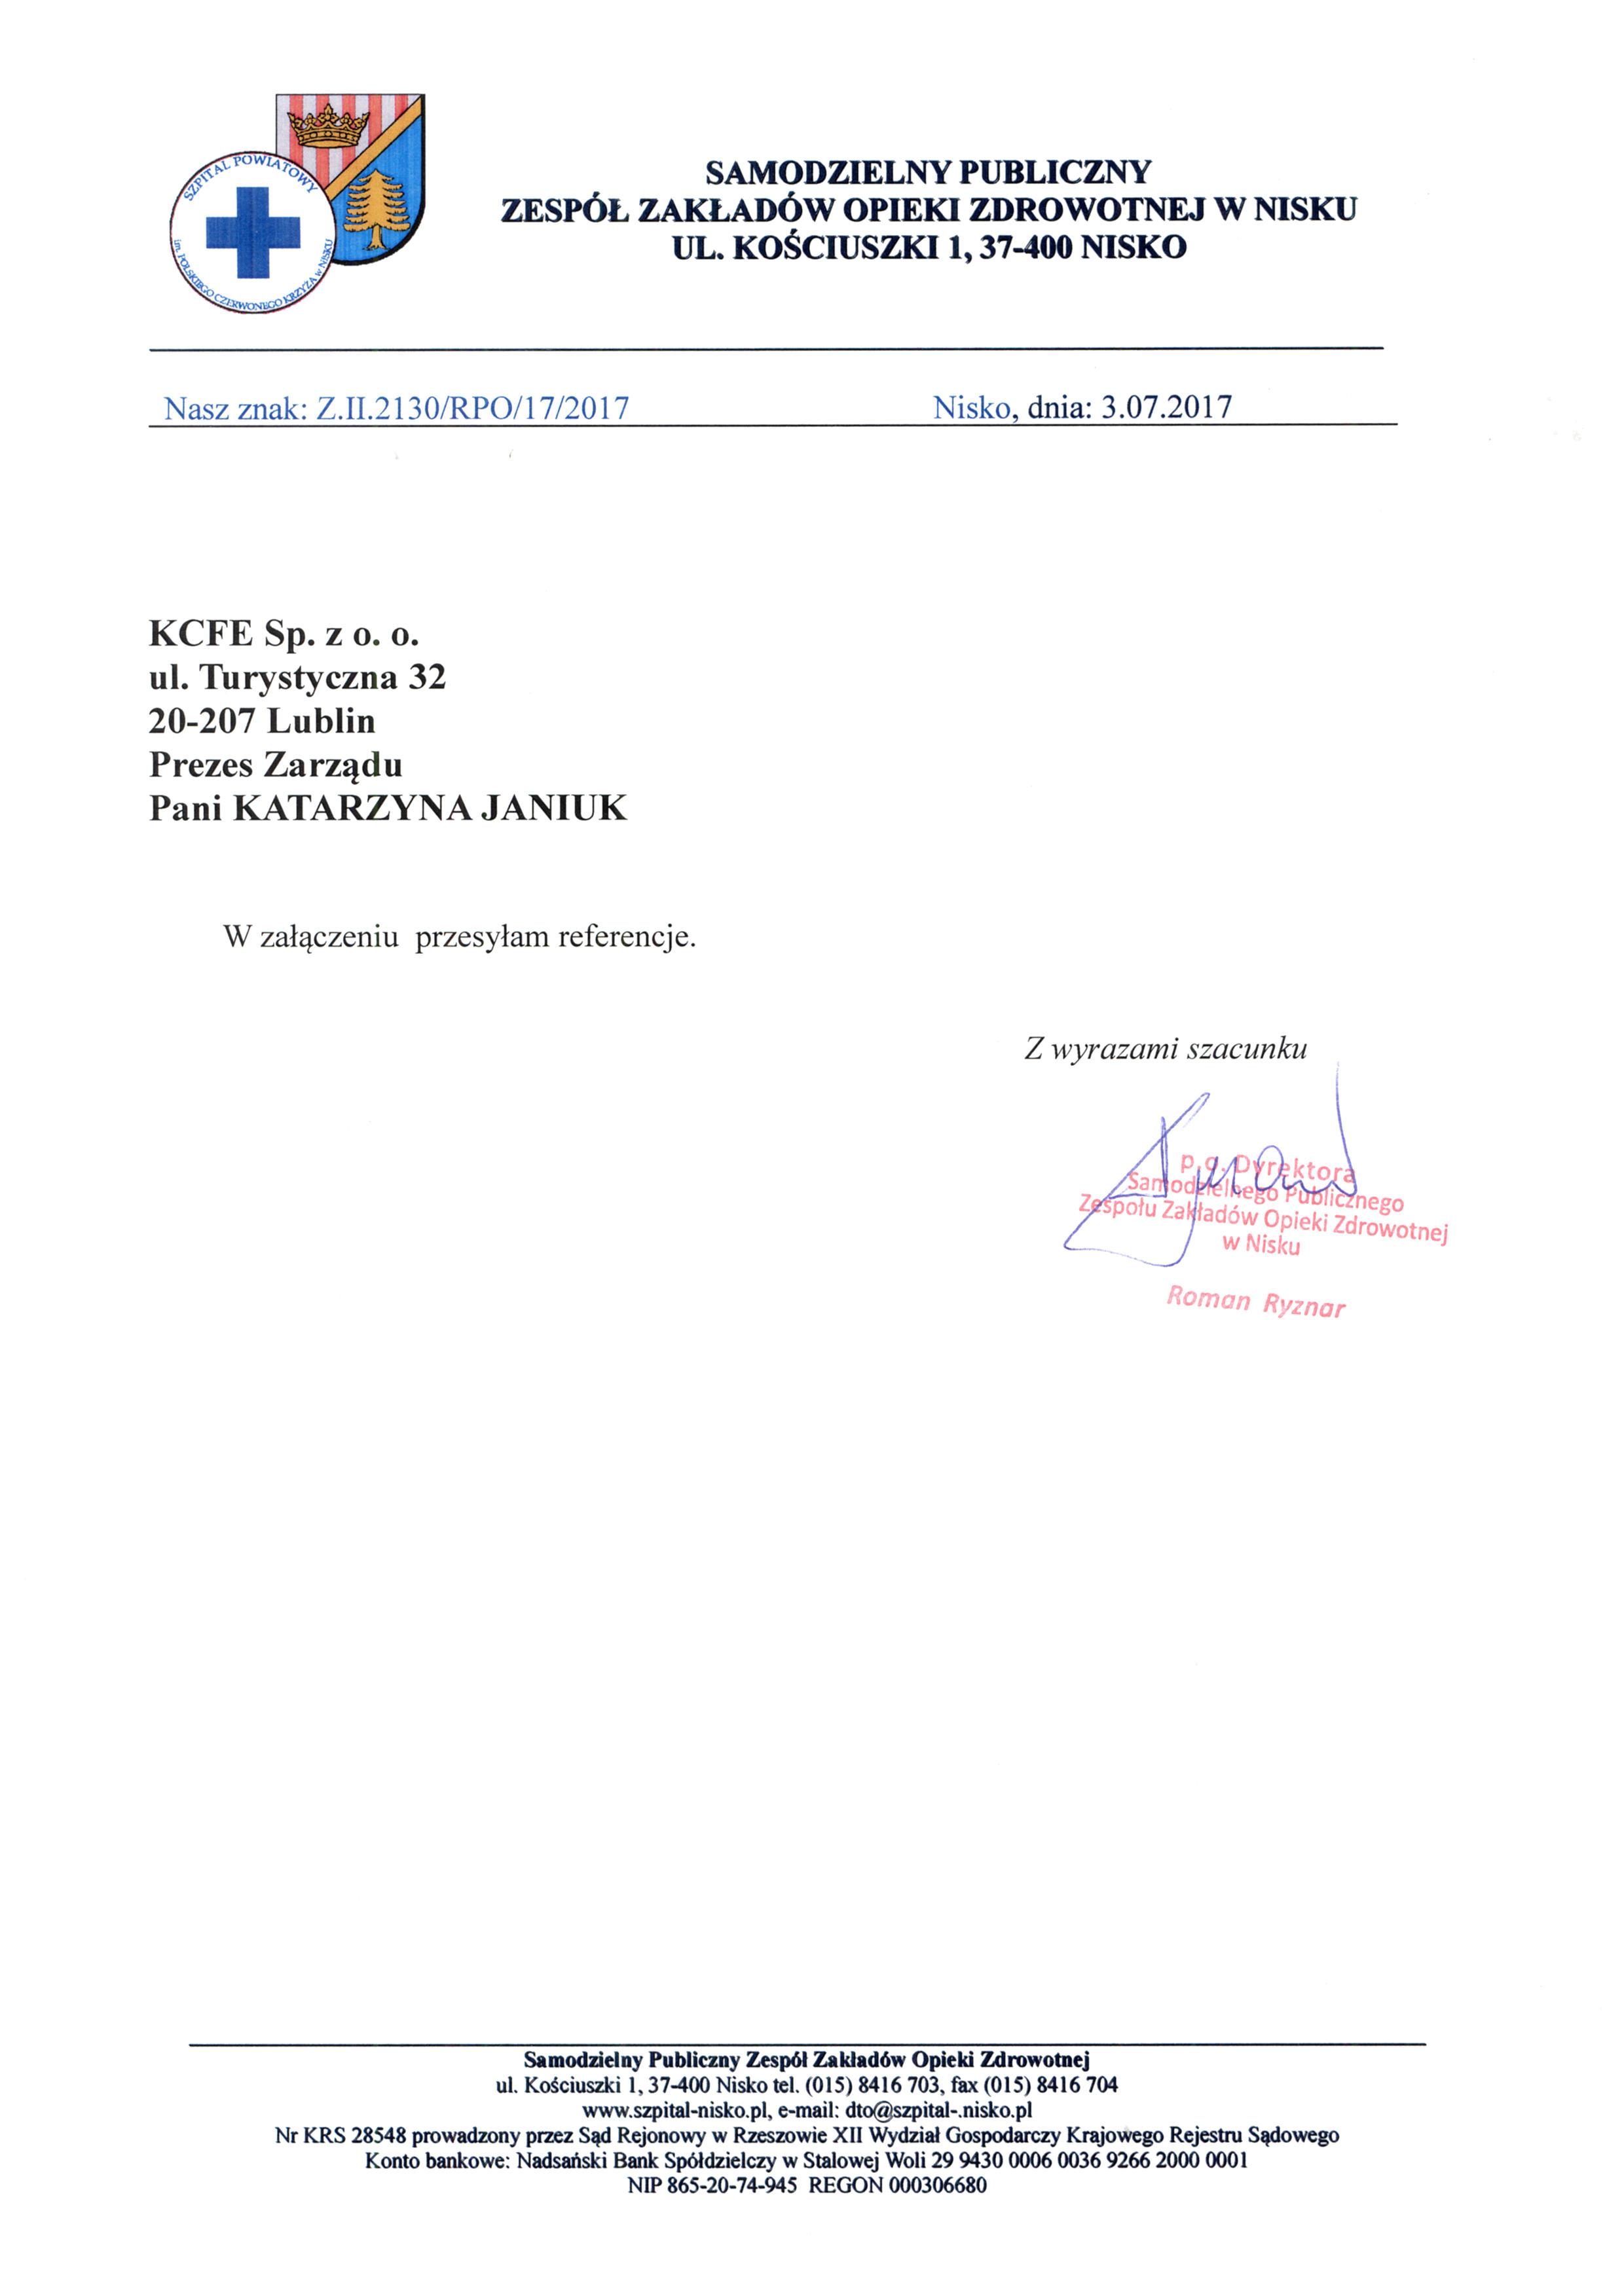 http://www.kcfe.pl/wp-content/uploads/2021/04/Referencje-SPZZOZ-w-Nisku-PDF-3-strony-03.07.2017.pdf